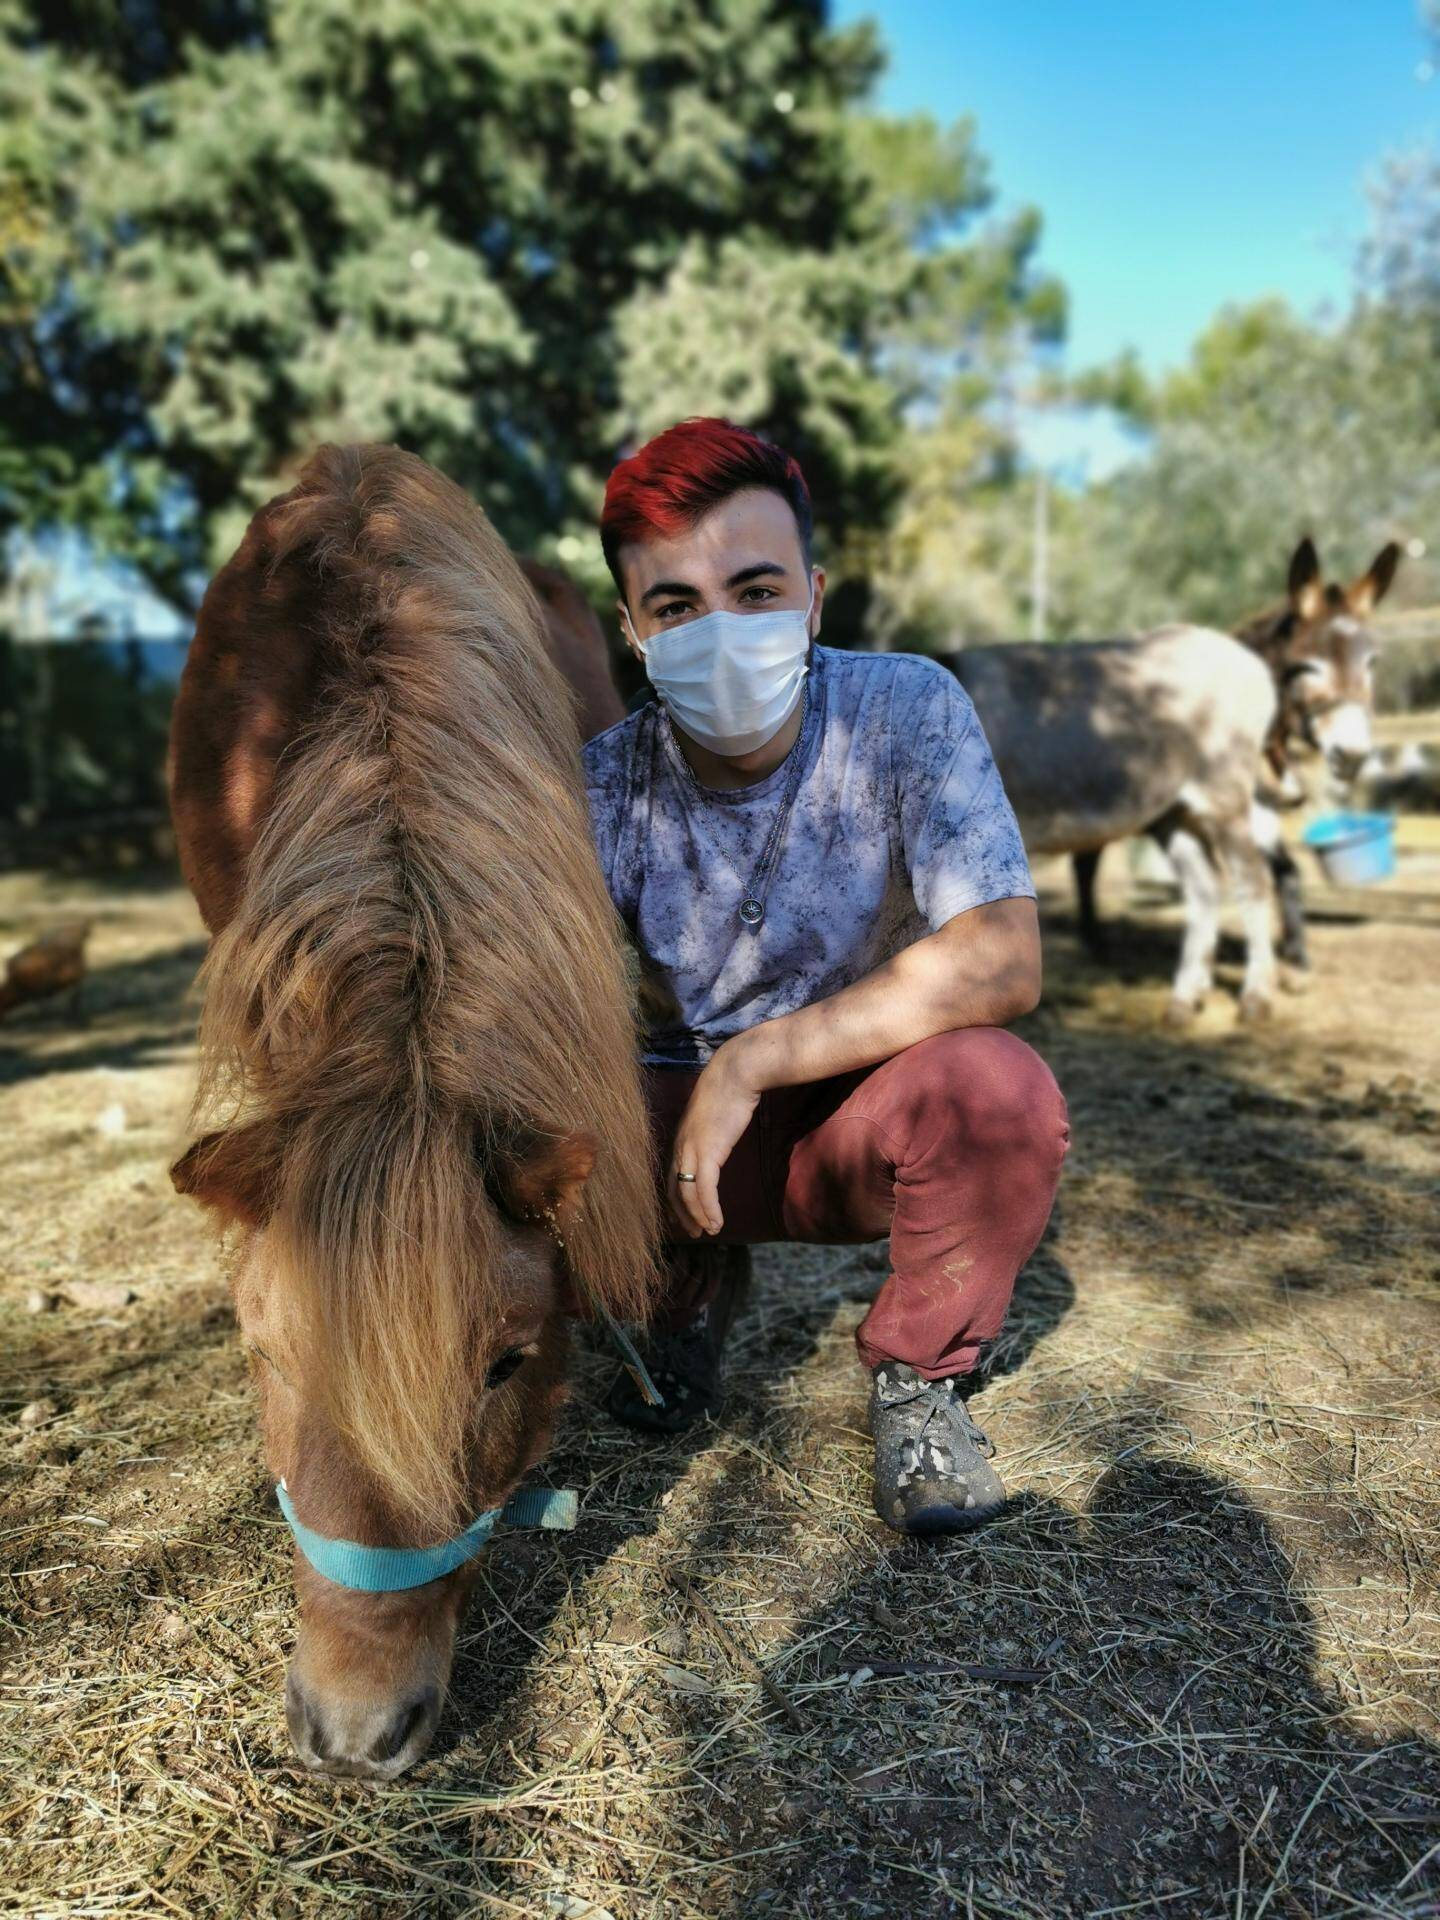 Les équidés, cheval de 30 ans, poneys, ânes, ont un enclos qu'ils partagent avec deux lamas. Téo, en service civique, vient de les nourrir.